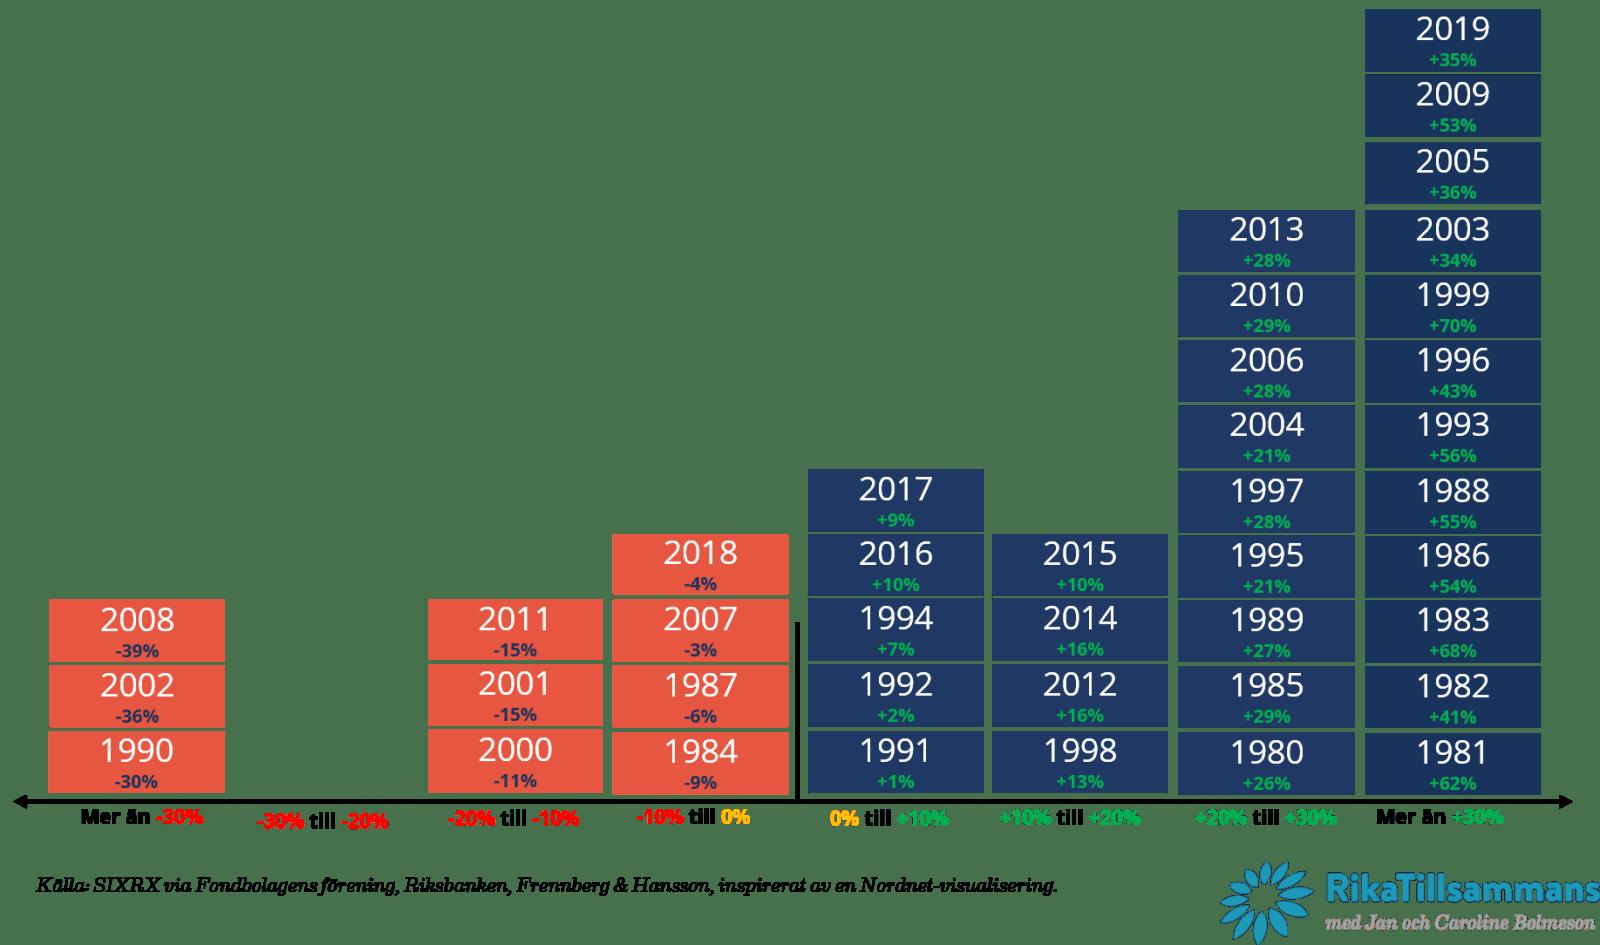 Stockholmsbörsens (SIXRX) årsavkastningar grupperade per avkastningsintervall.